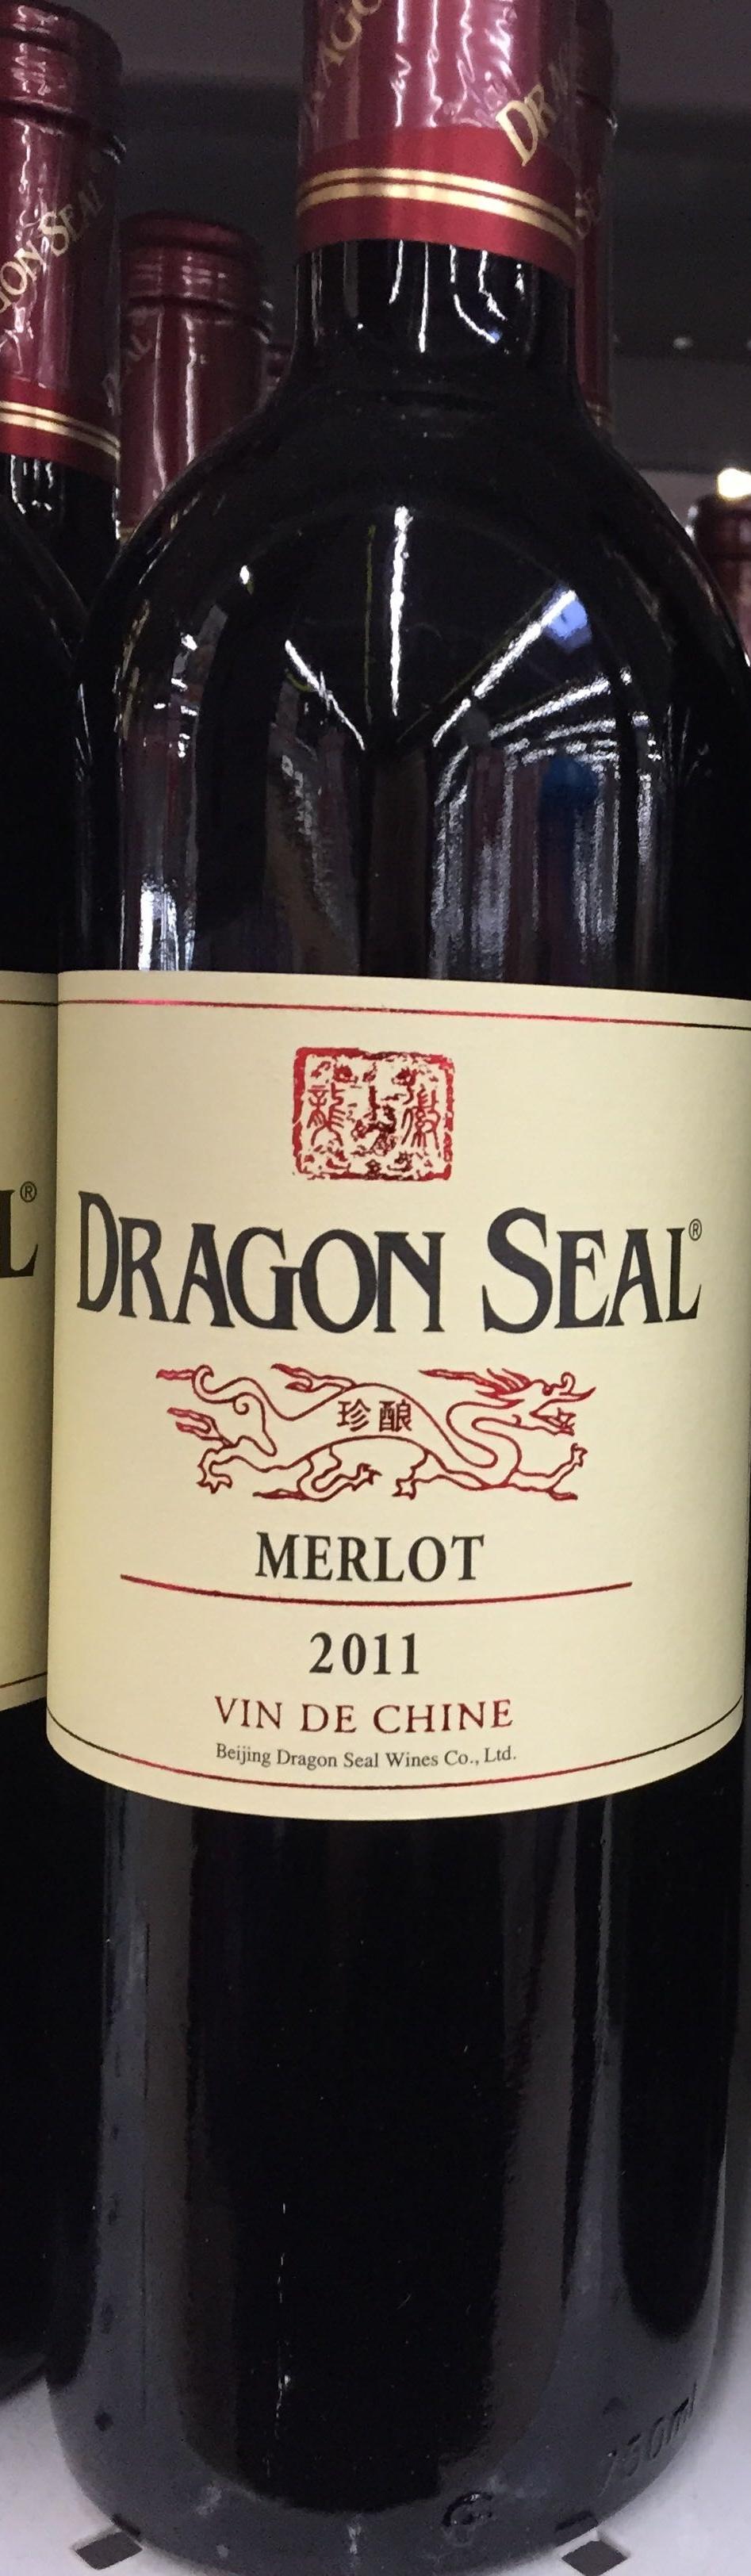 vin-chinois-merlot